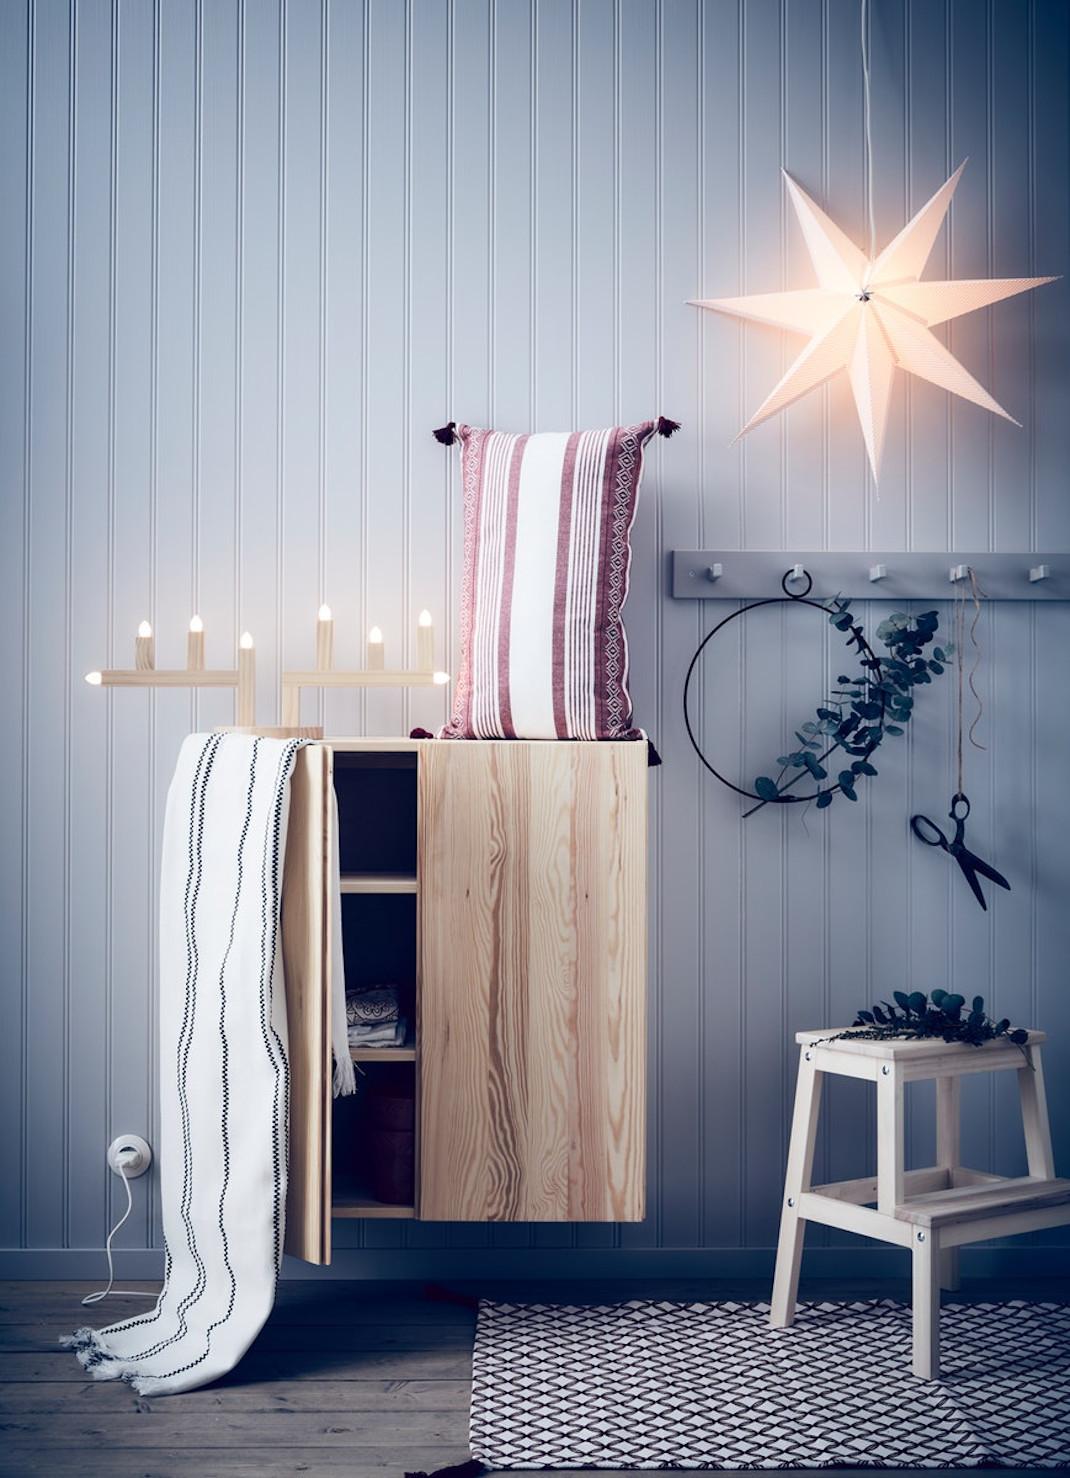 Η ΙΚΕΑ φέρνει τη γιορτινή Χριστουγεννιάτικη ατμόσφαιρα στο σπίτι σας